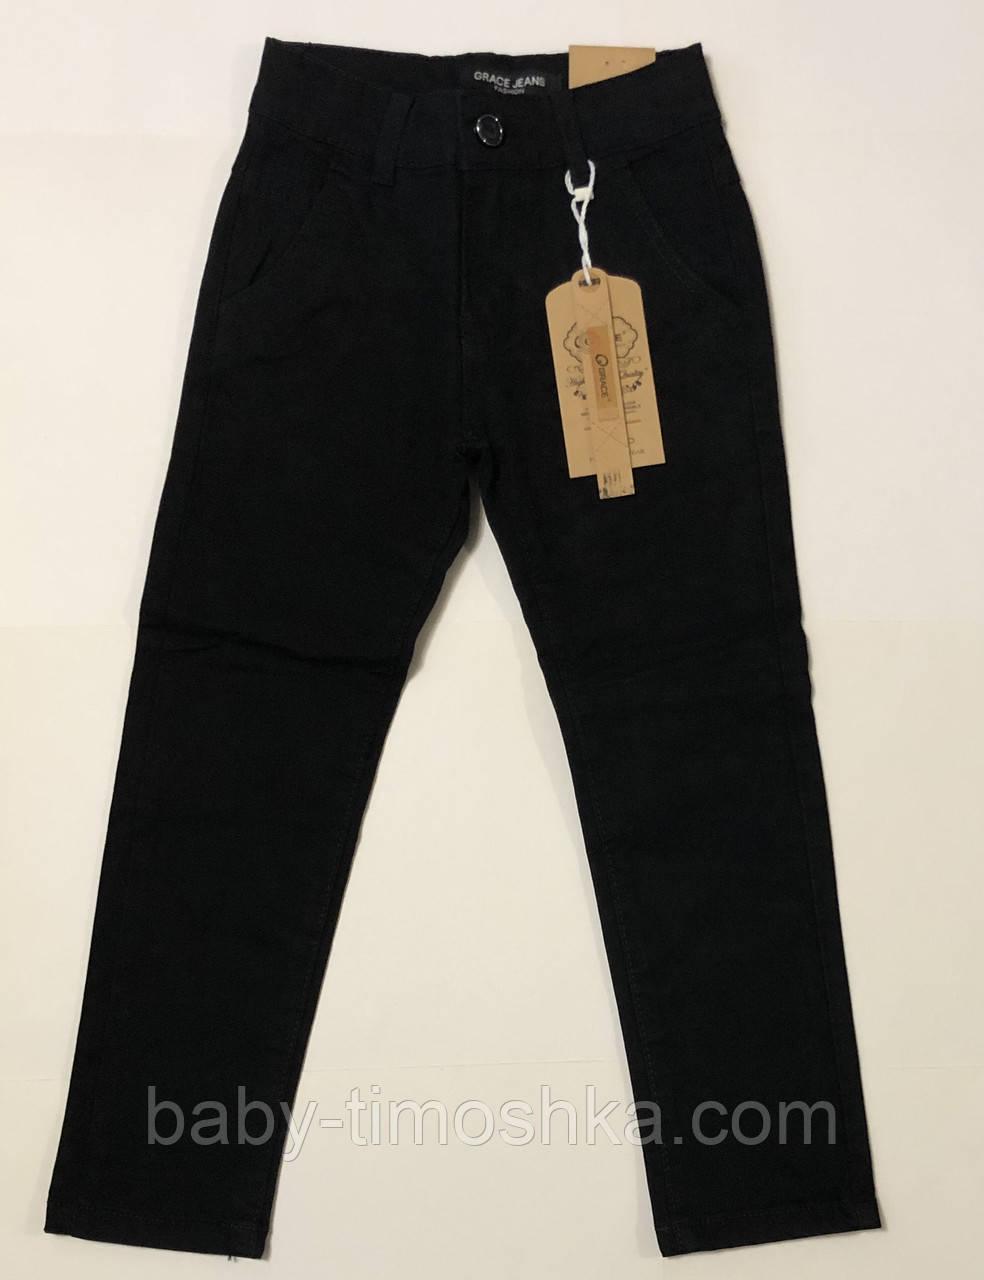 Катоновые штаны (чёрные) для мальчиков 116-140 см